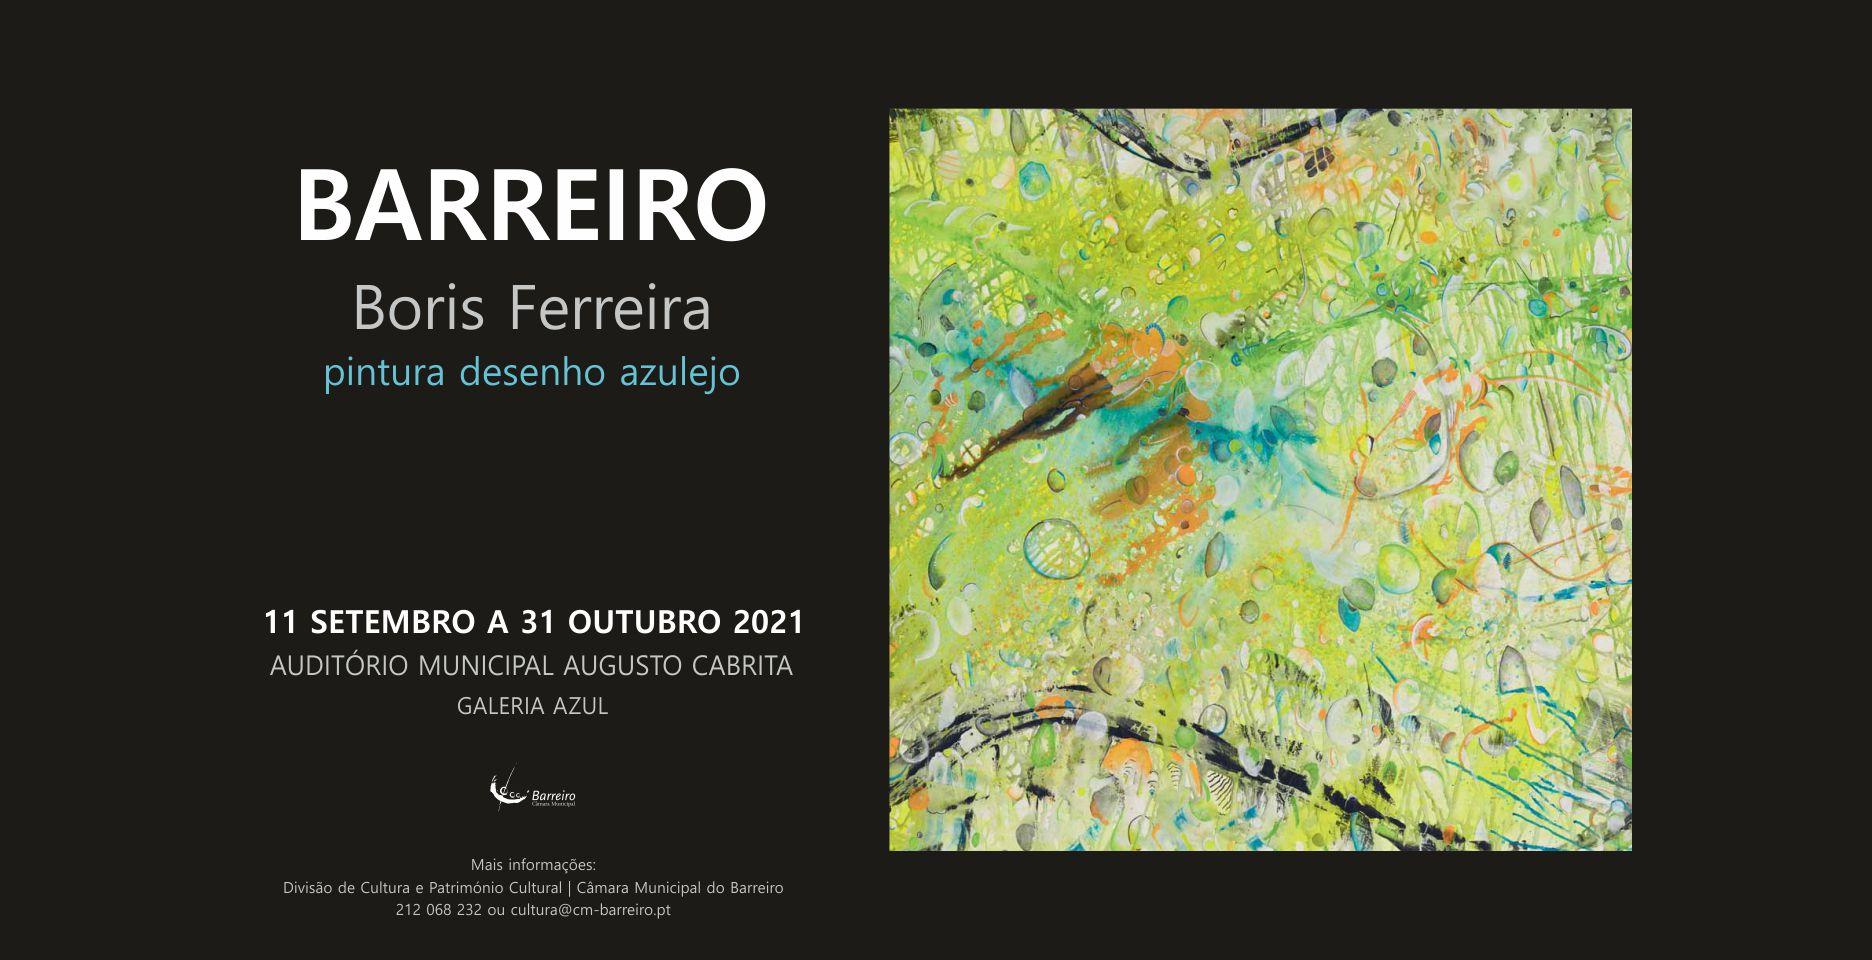 Exposição de pintura, desenho e azulejo de Boris Ferreira